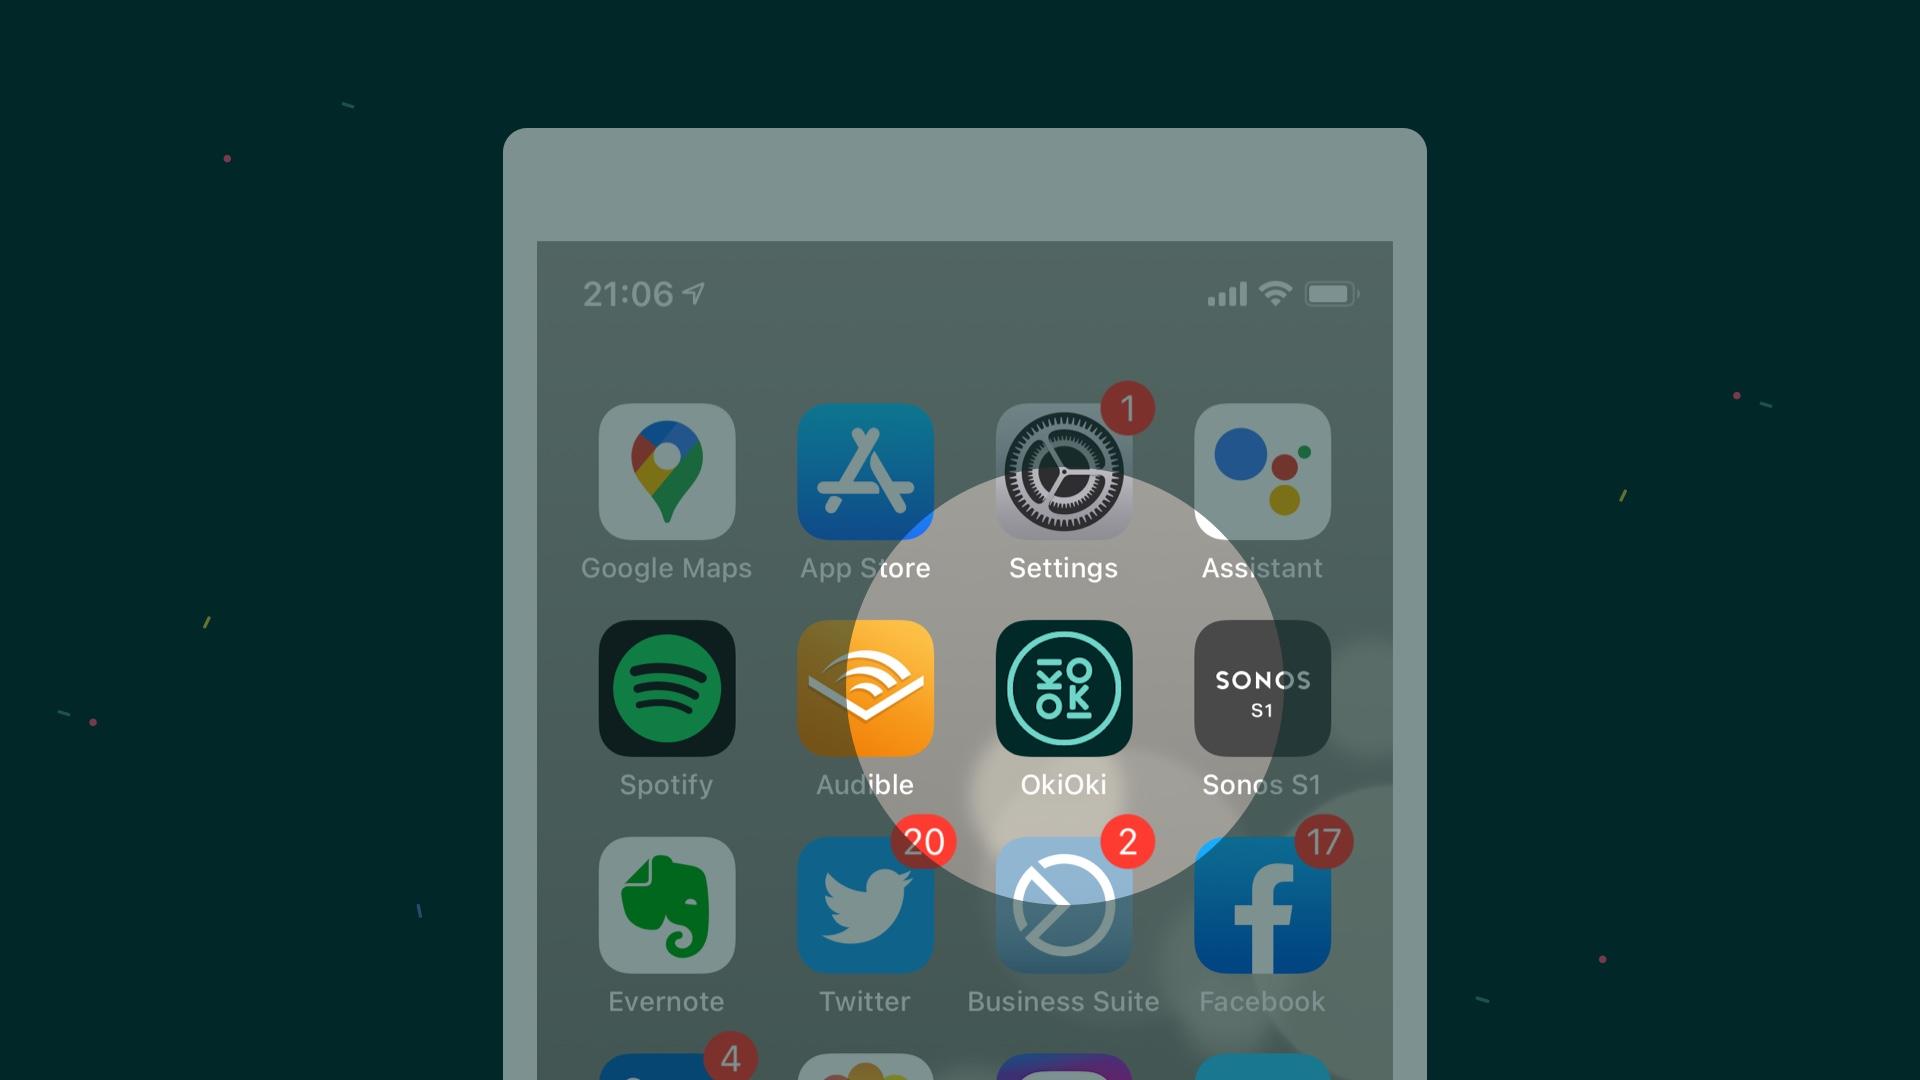 Comment ajouter l'application OkiOki à l'écran d'accueil de votre appareil Apple ou Android